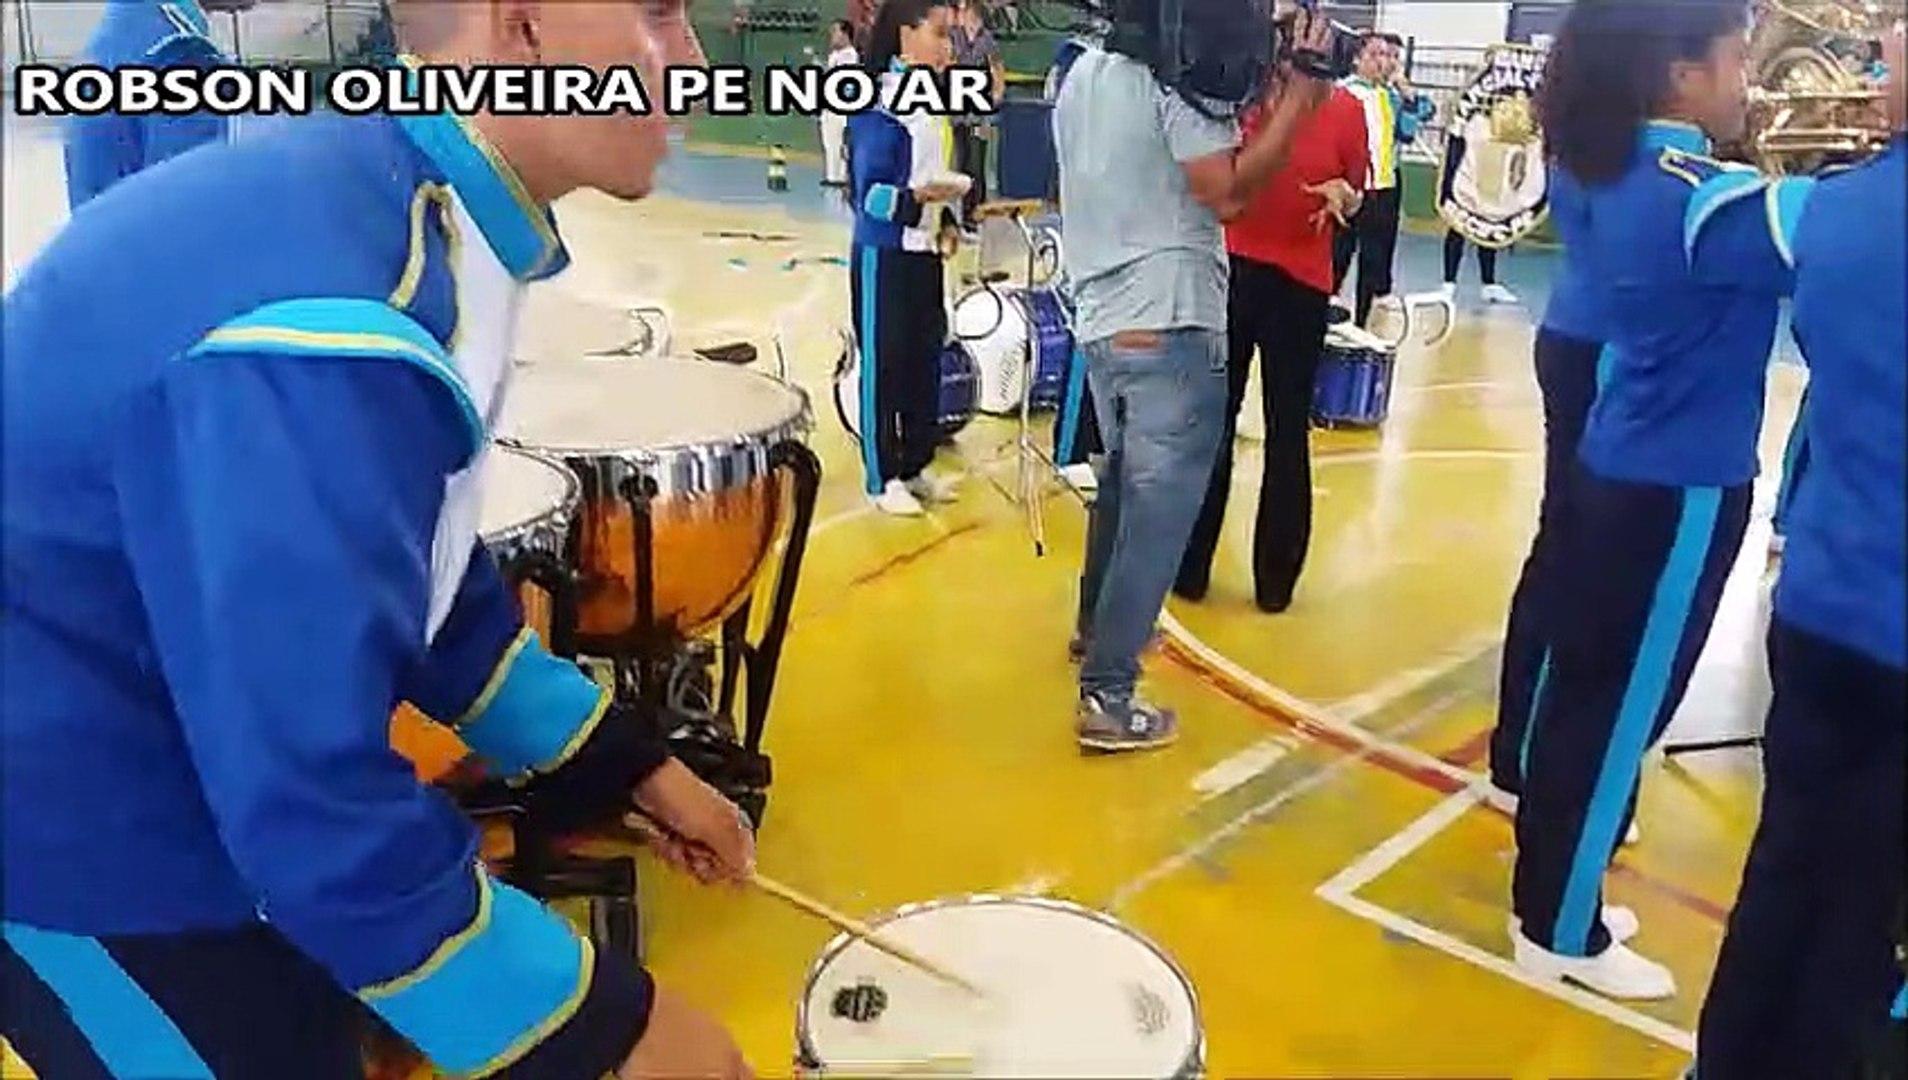 VI COPA NACIONAL DE CAMPEÃS BANDA MARCIAL INFANTIL PAULO VI